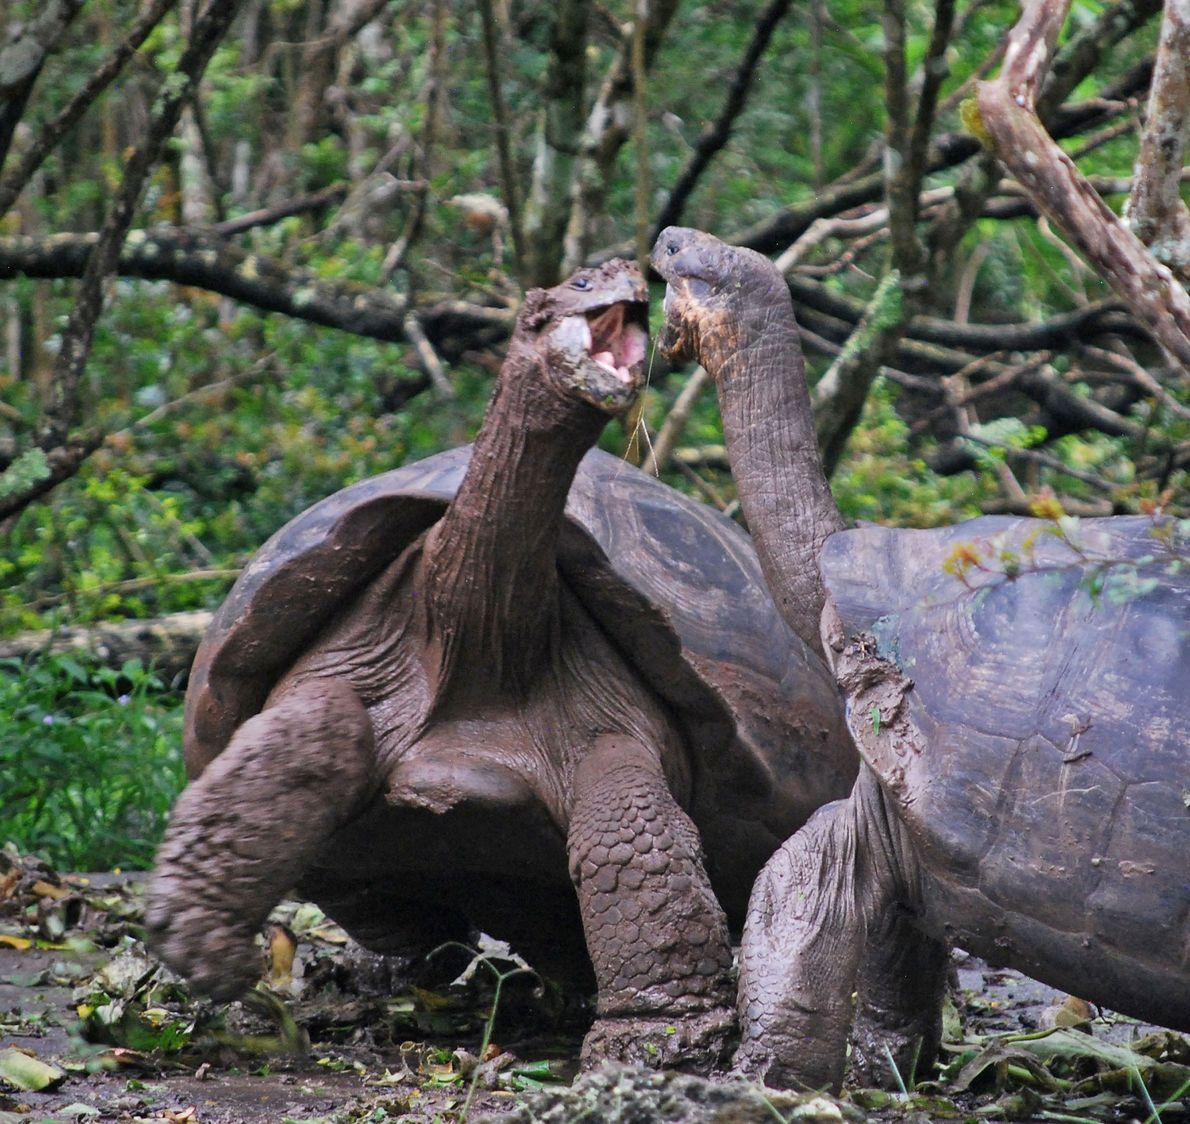 Duas tartarugas-das-galápagos abocanham-se nas ilhas Galápagos.